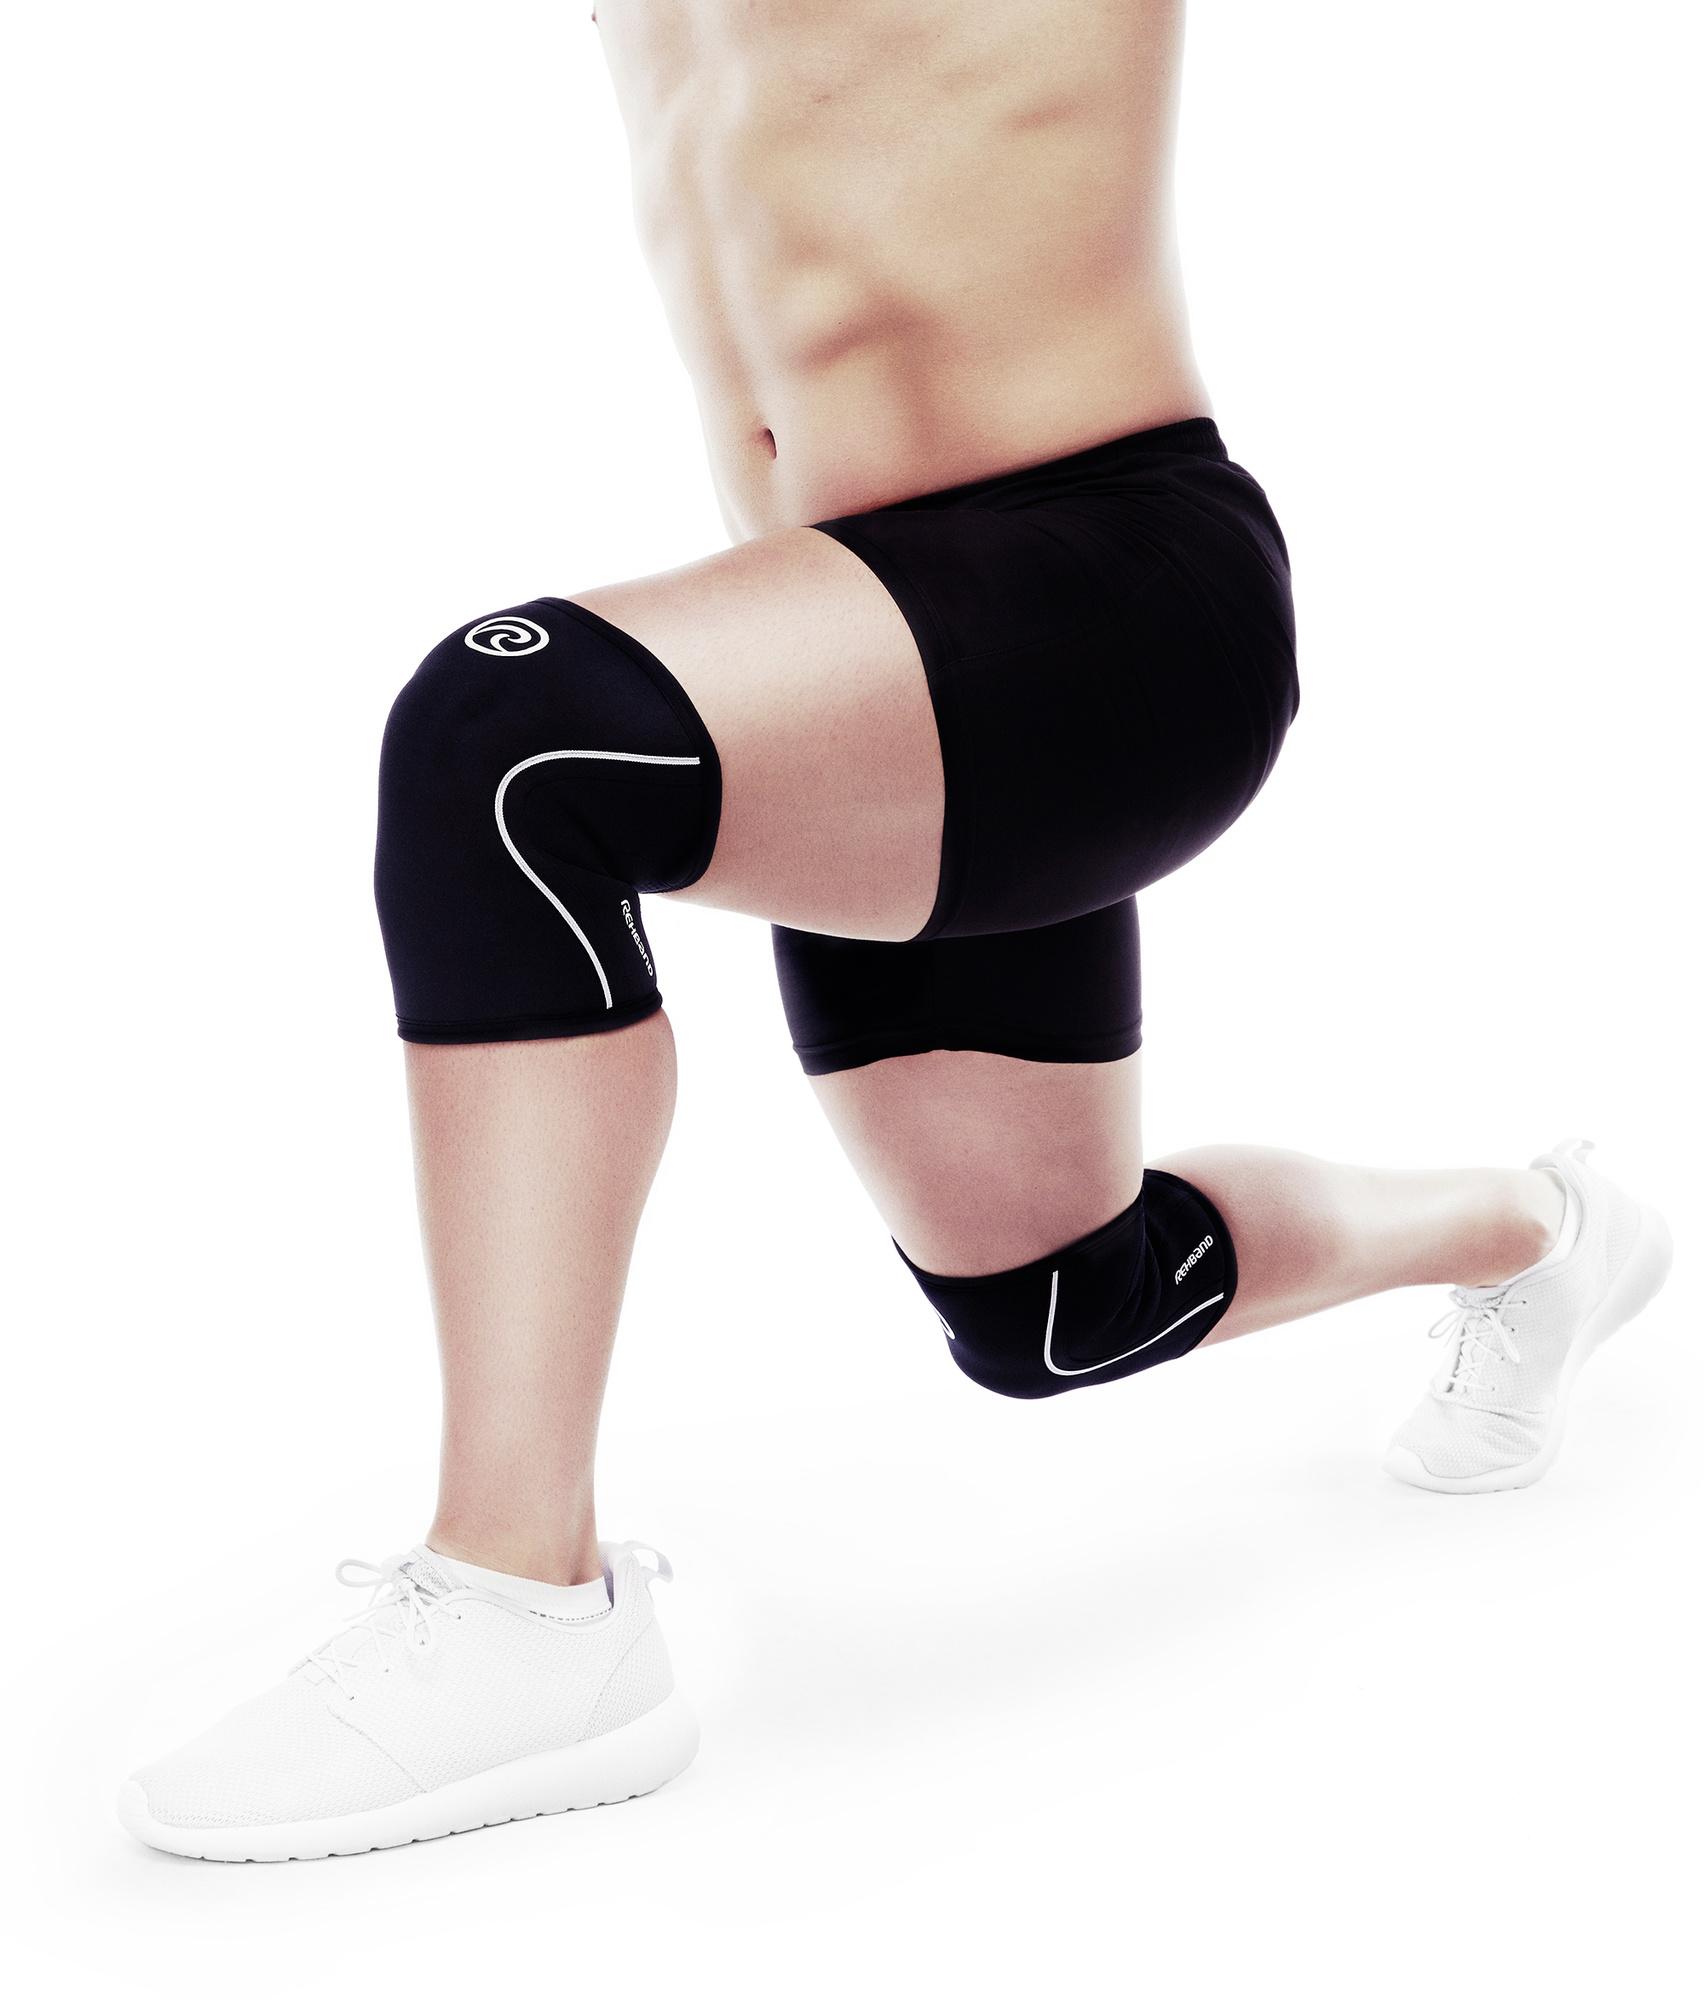 Rx Orteza na kolano 5mm